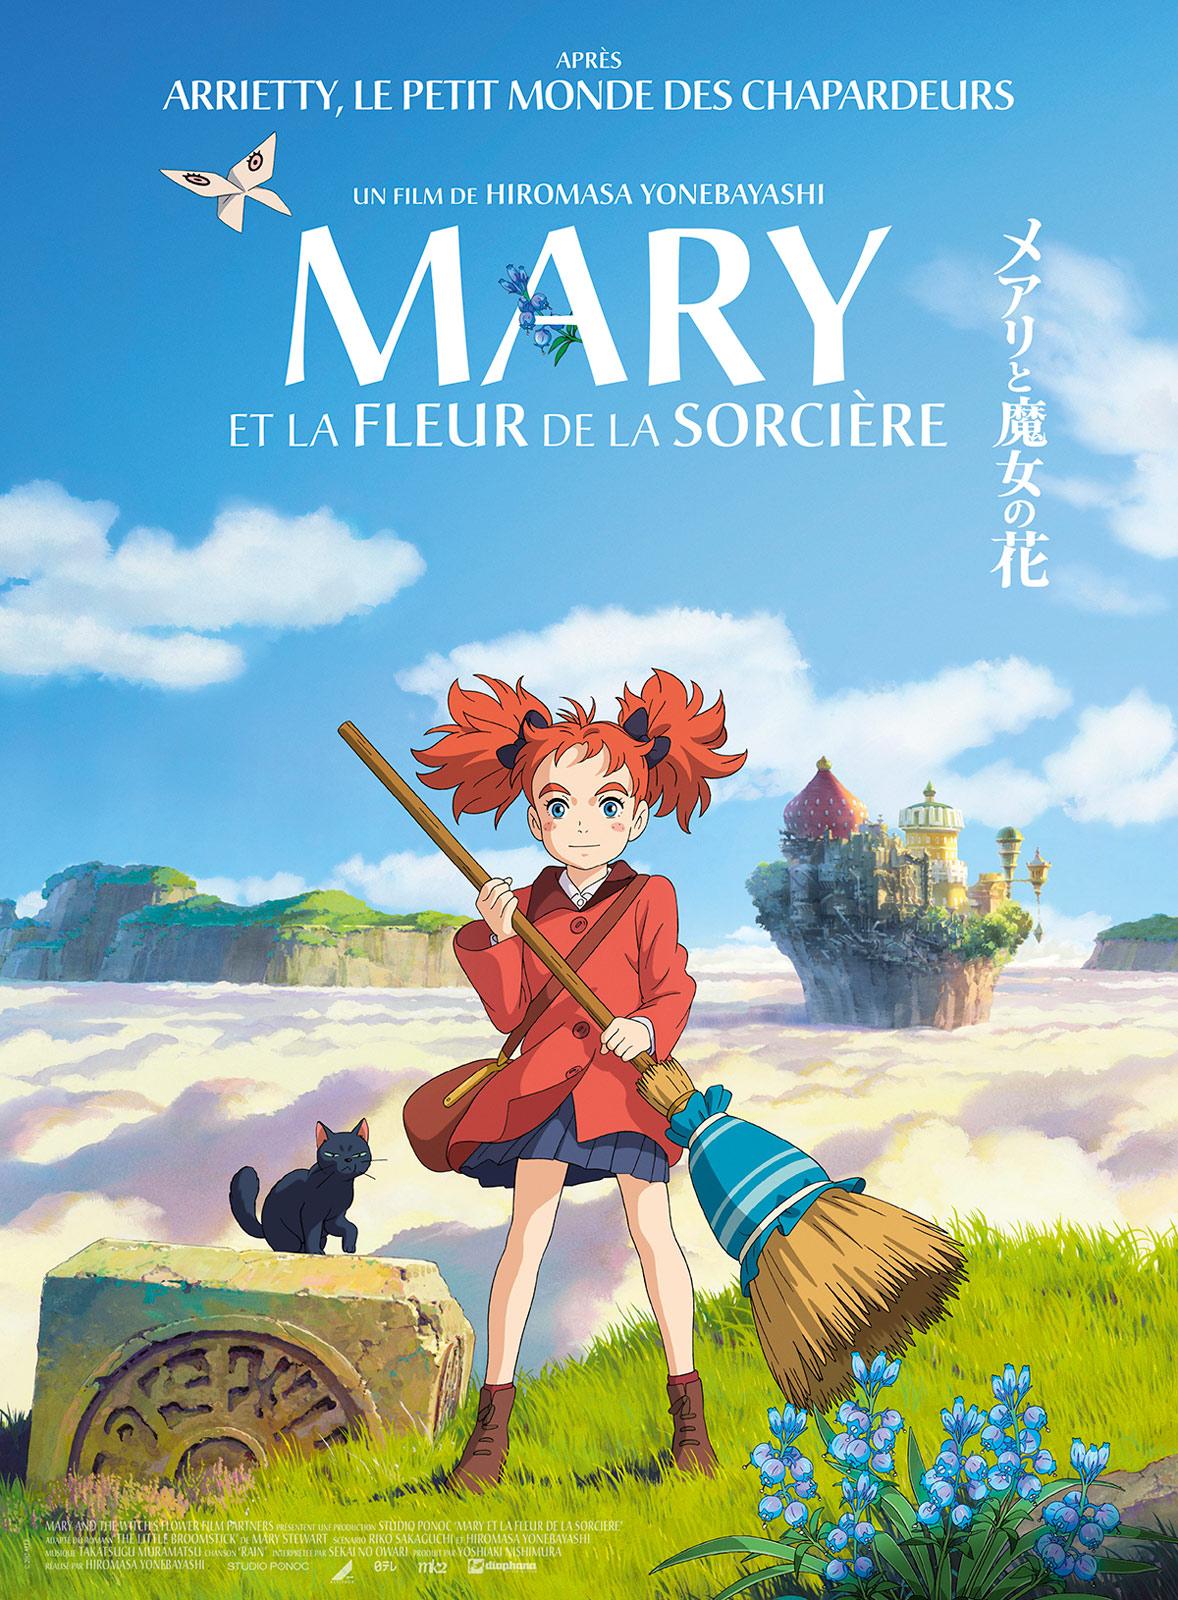 affiche de film mary et la fleur de la sorcière